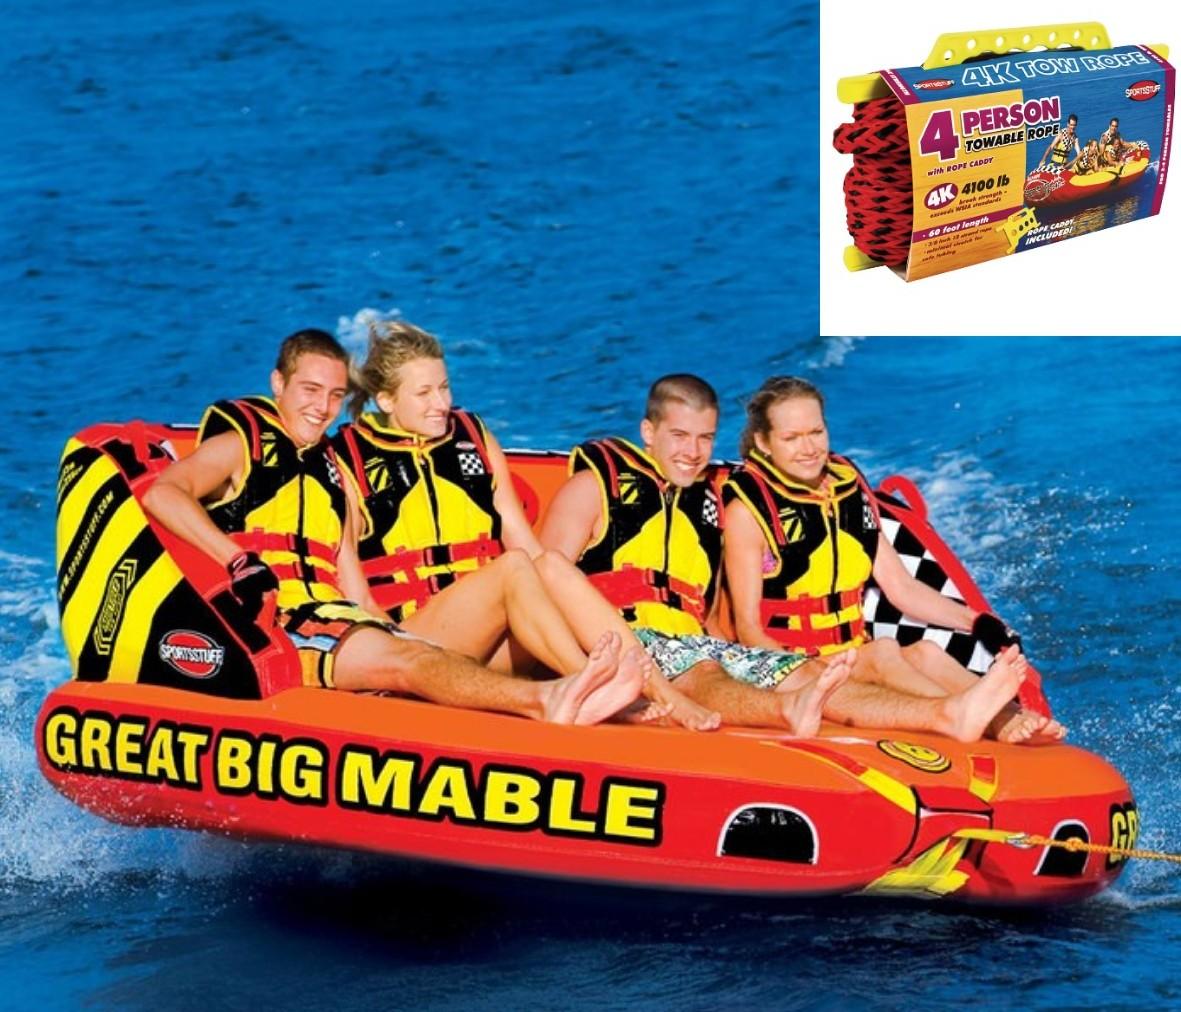 SPORTSSTUFF GREAT BIG MABLE 4人乗り グレート ビッグ マーブル トーイングチューブ/ウォータートーイ/バナナボート/スポーツスタッフ 53-2218 ロープ付き